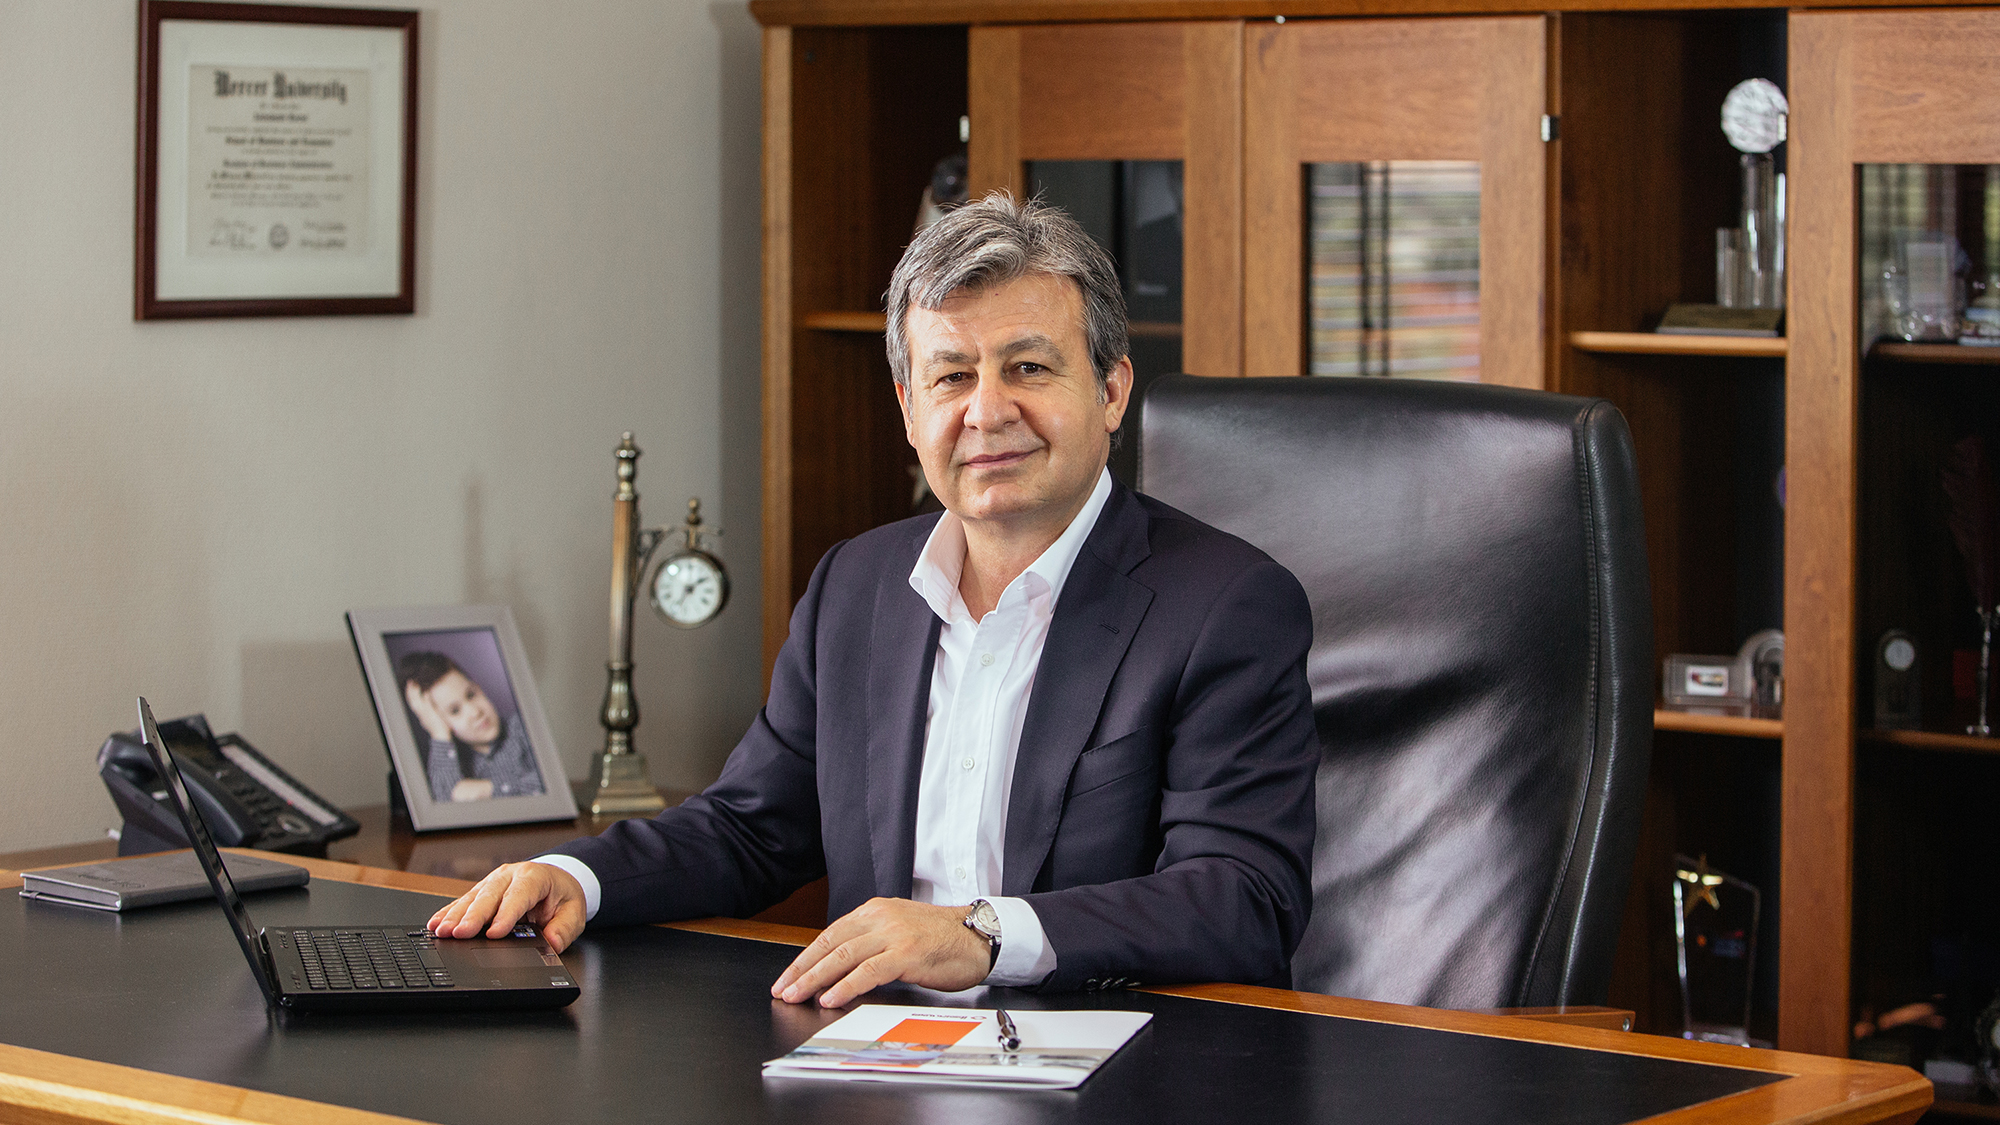 İskur Group, Üretim  Kalitesi ve Verimliliği İle Öncü Firmalar Arasında Yer Alıyor